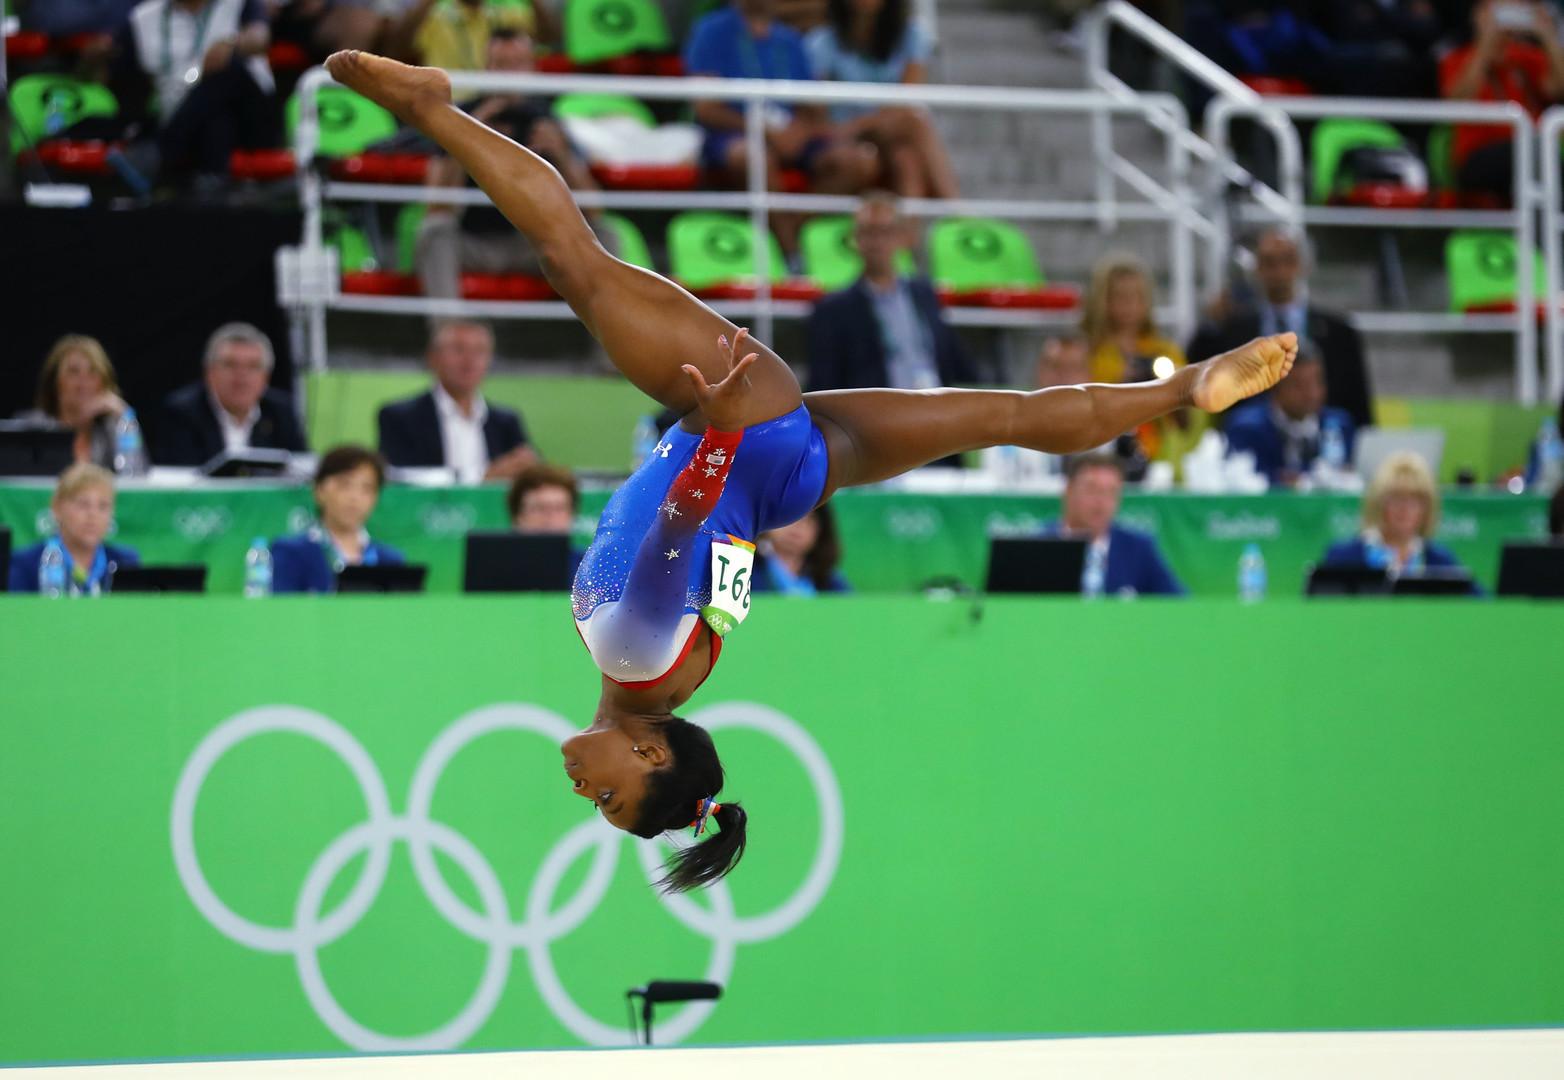 L'AMA aurait-elle permis à des athlètes américains de prendre des substances interdites ?